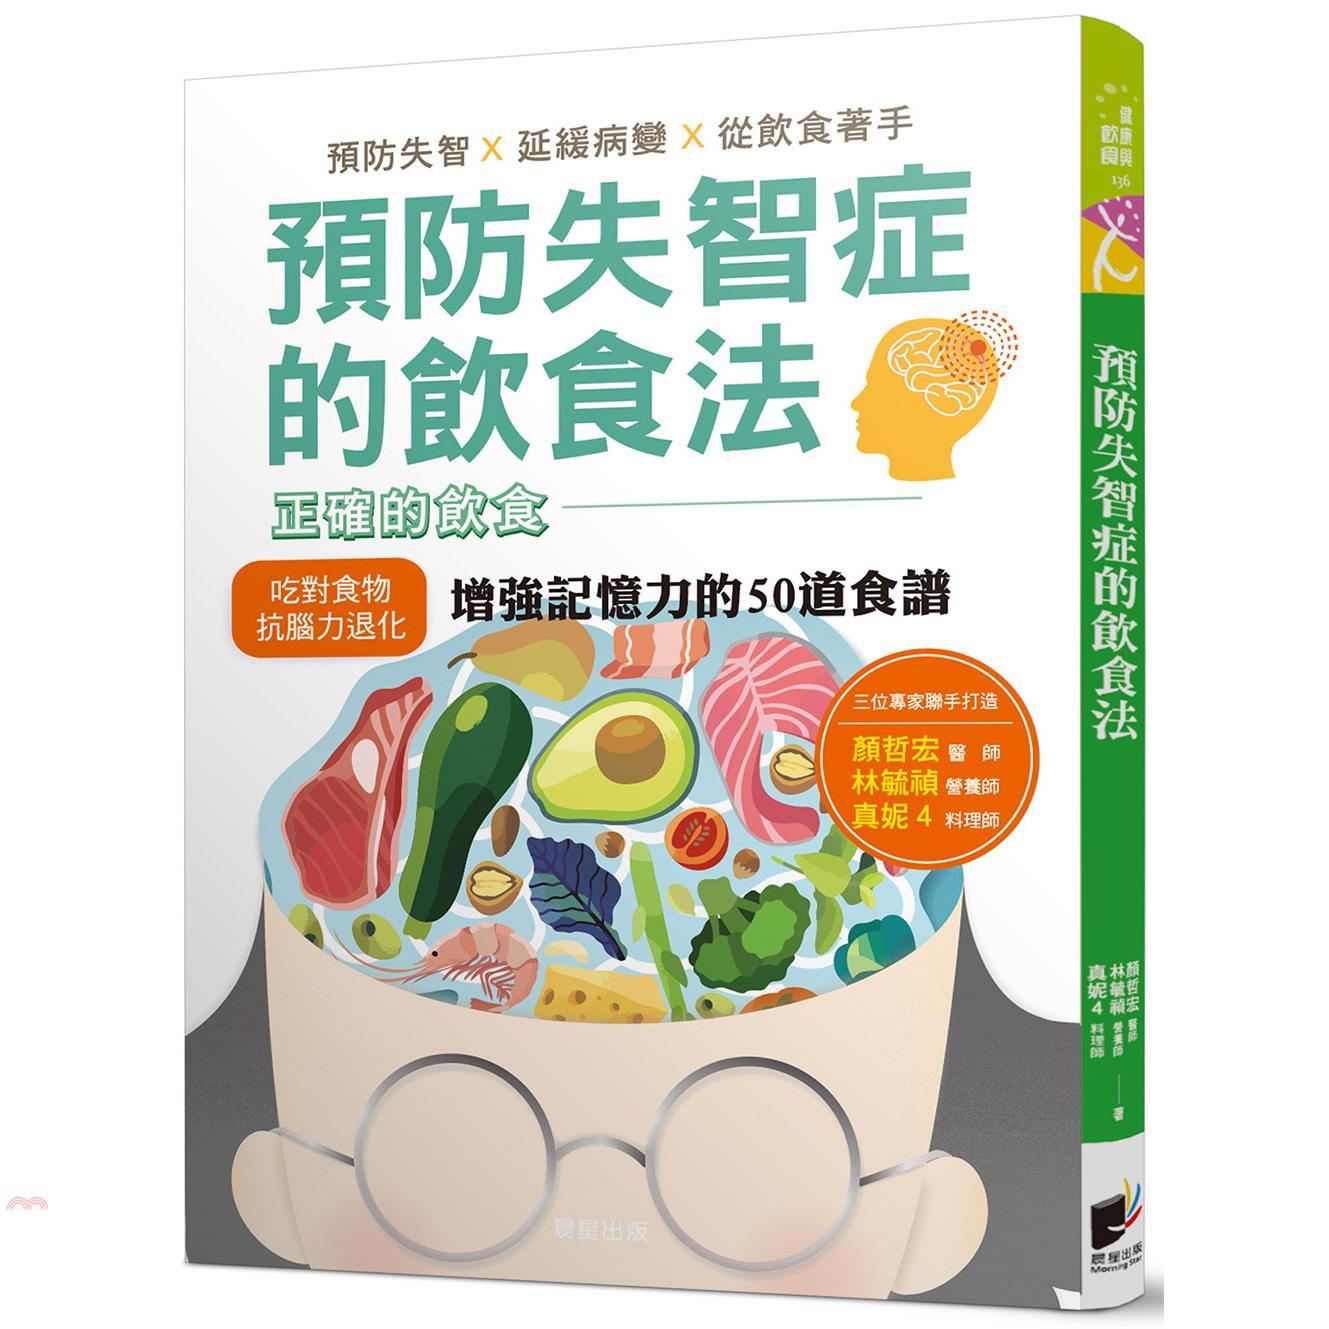 《晨星》預防失智症的飲食法:預防失智、延緩病變、從飲食著手,並提供增強記憶力的50道食譜[9折]